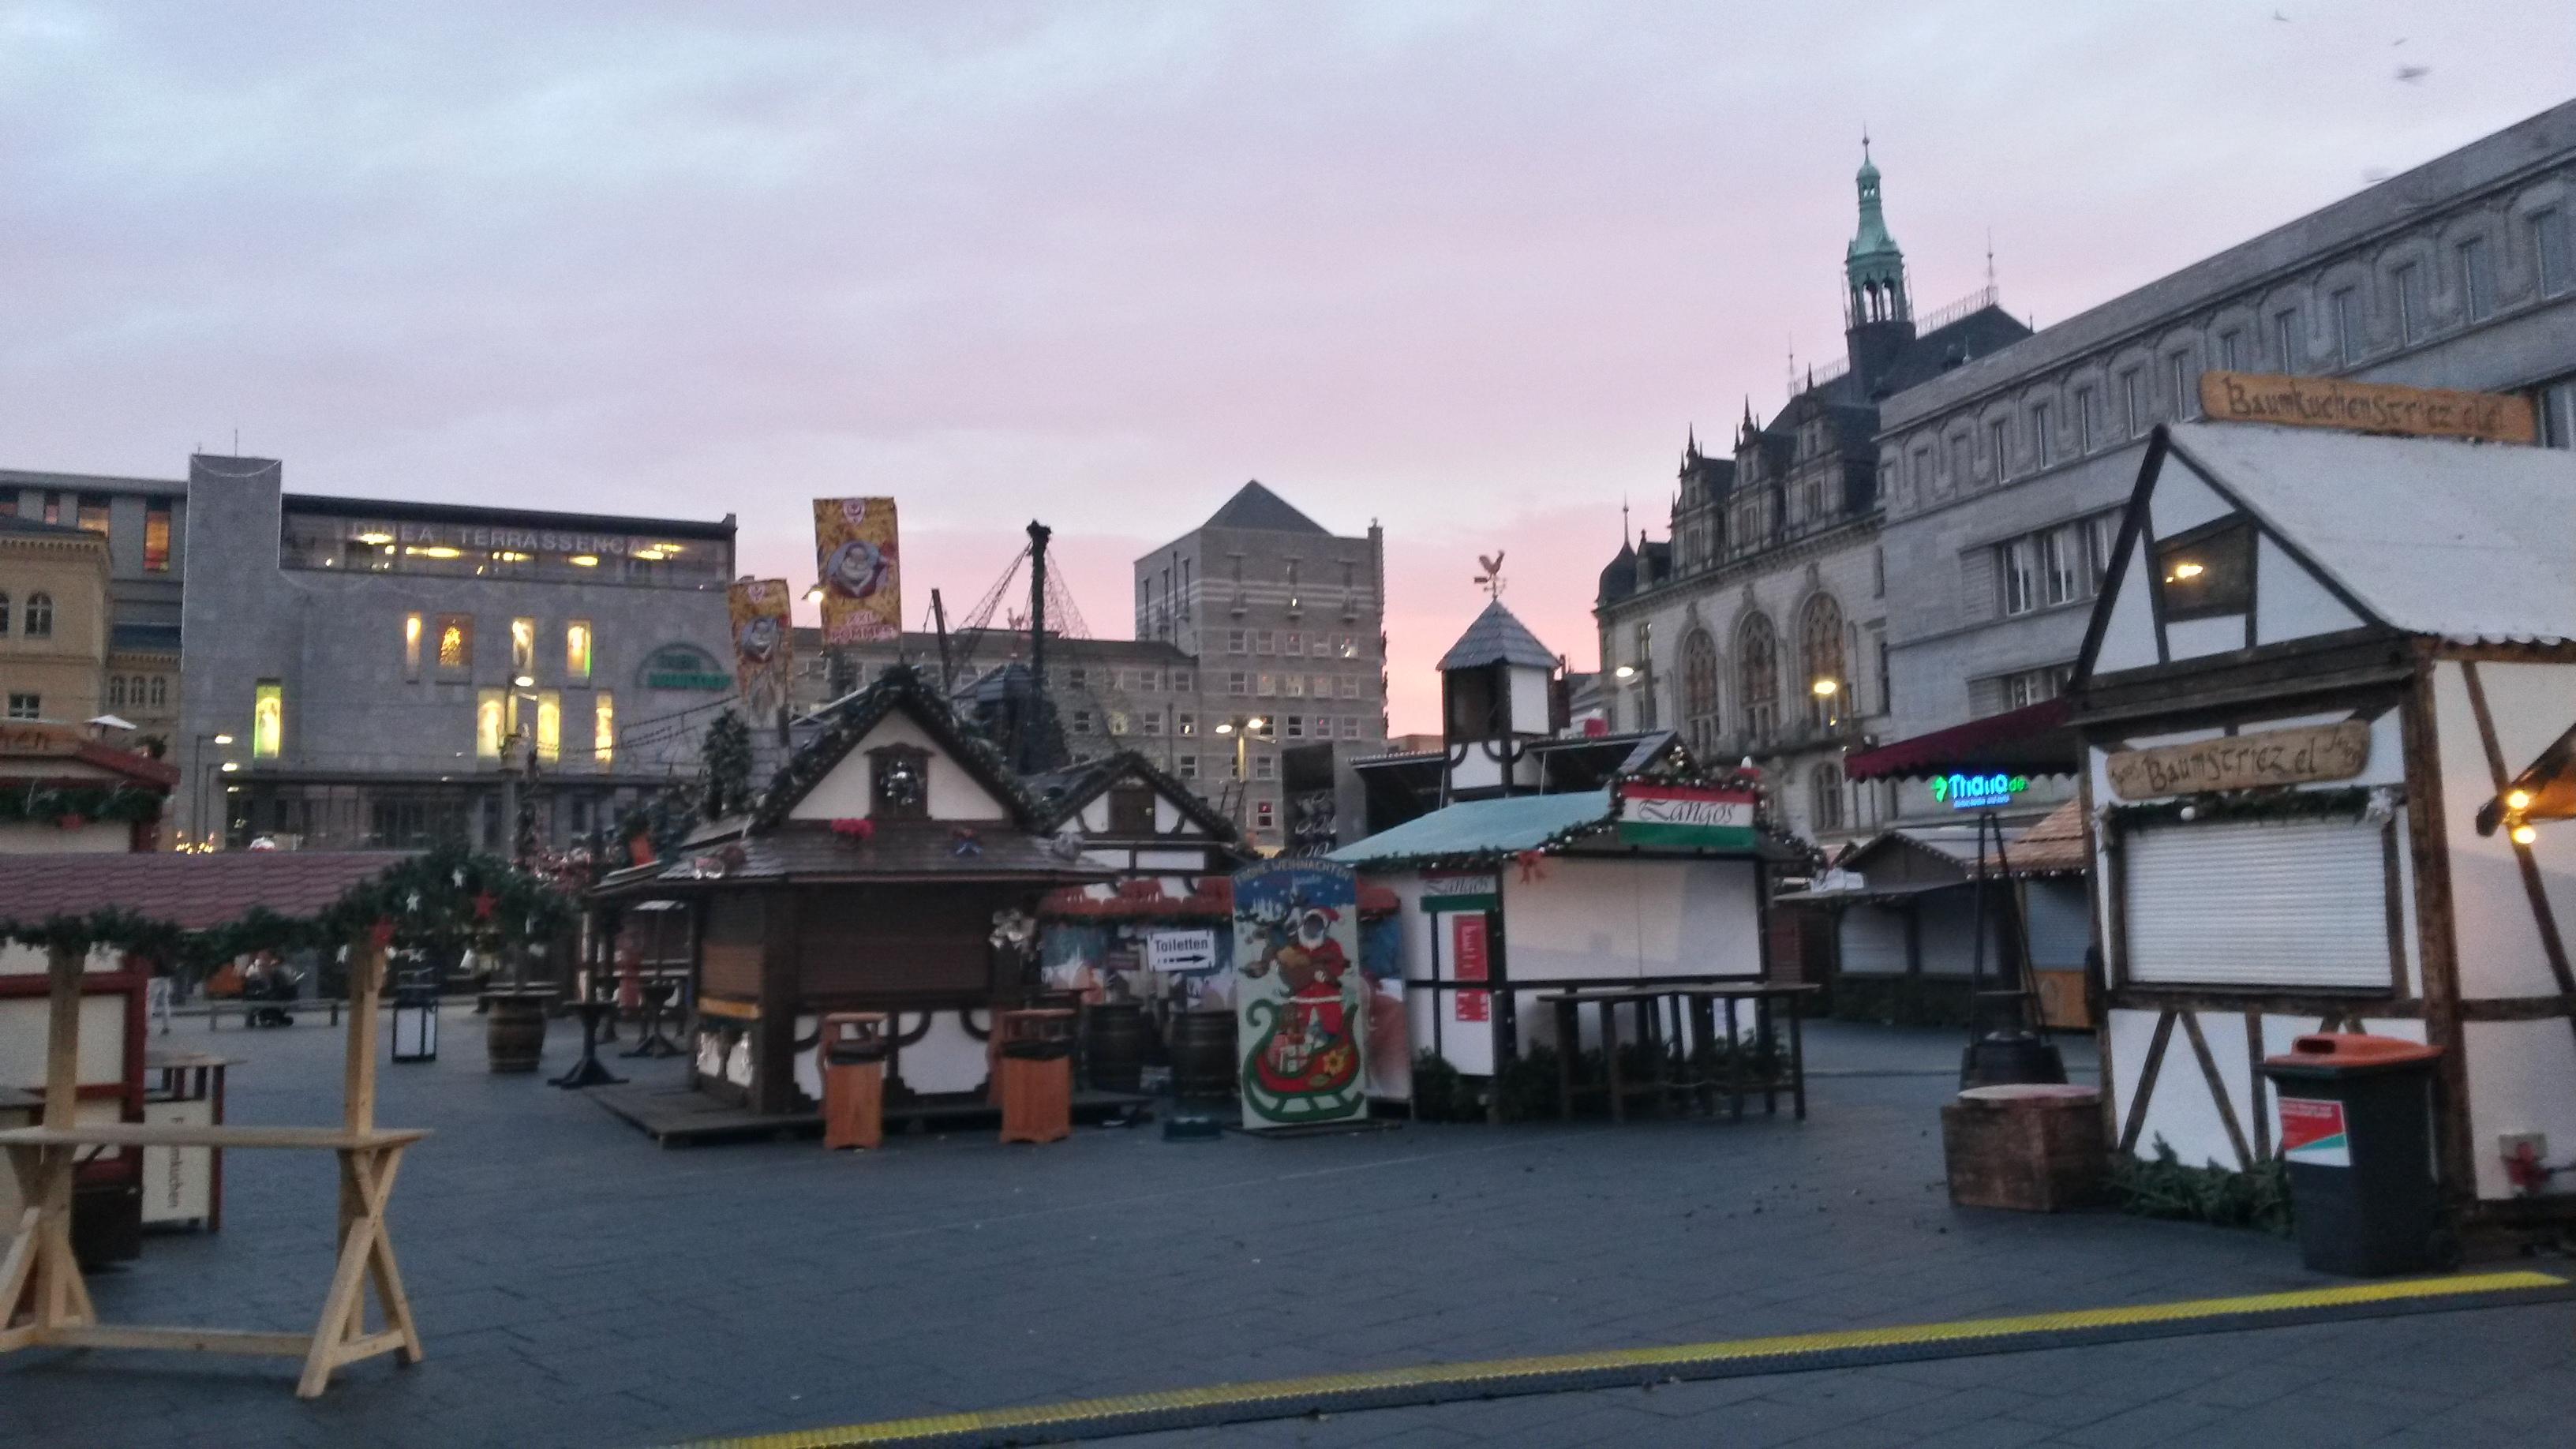 Markplatz in Halle